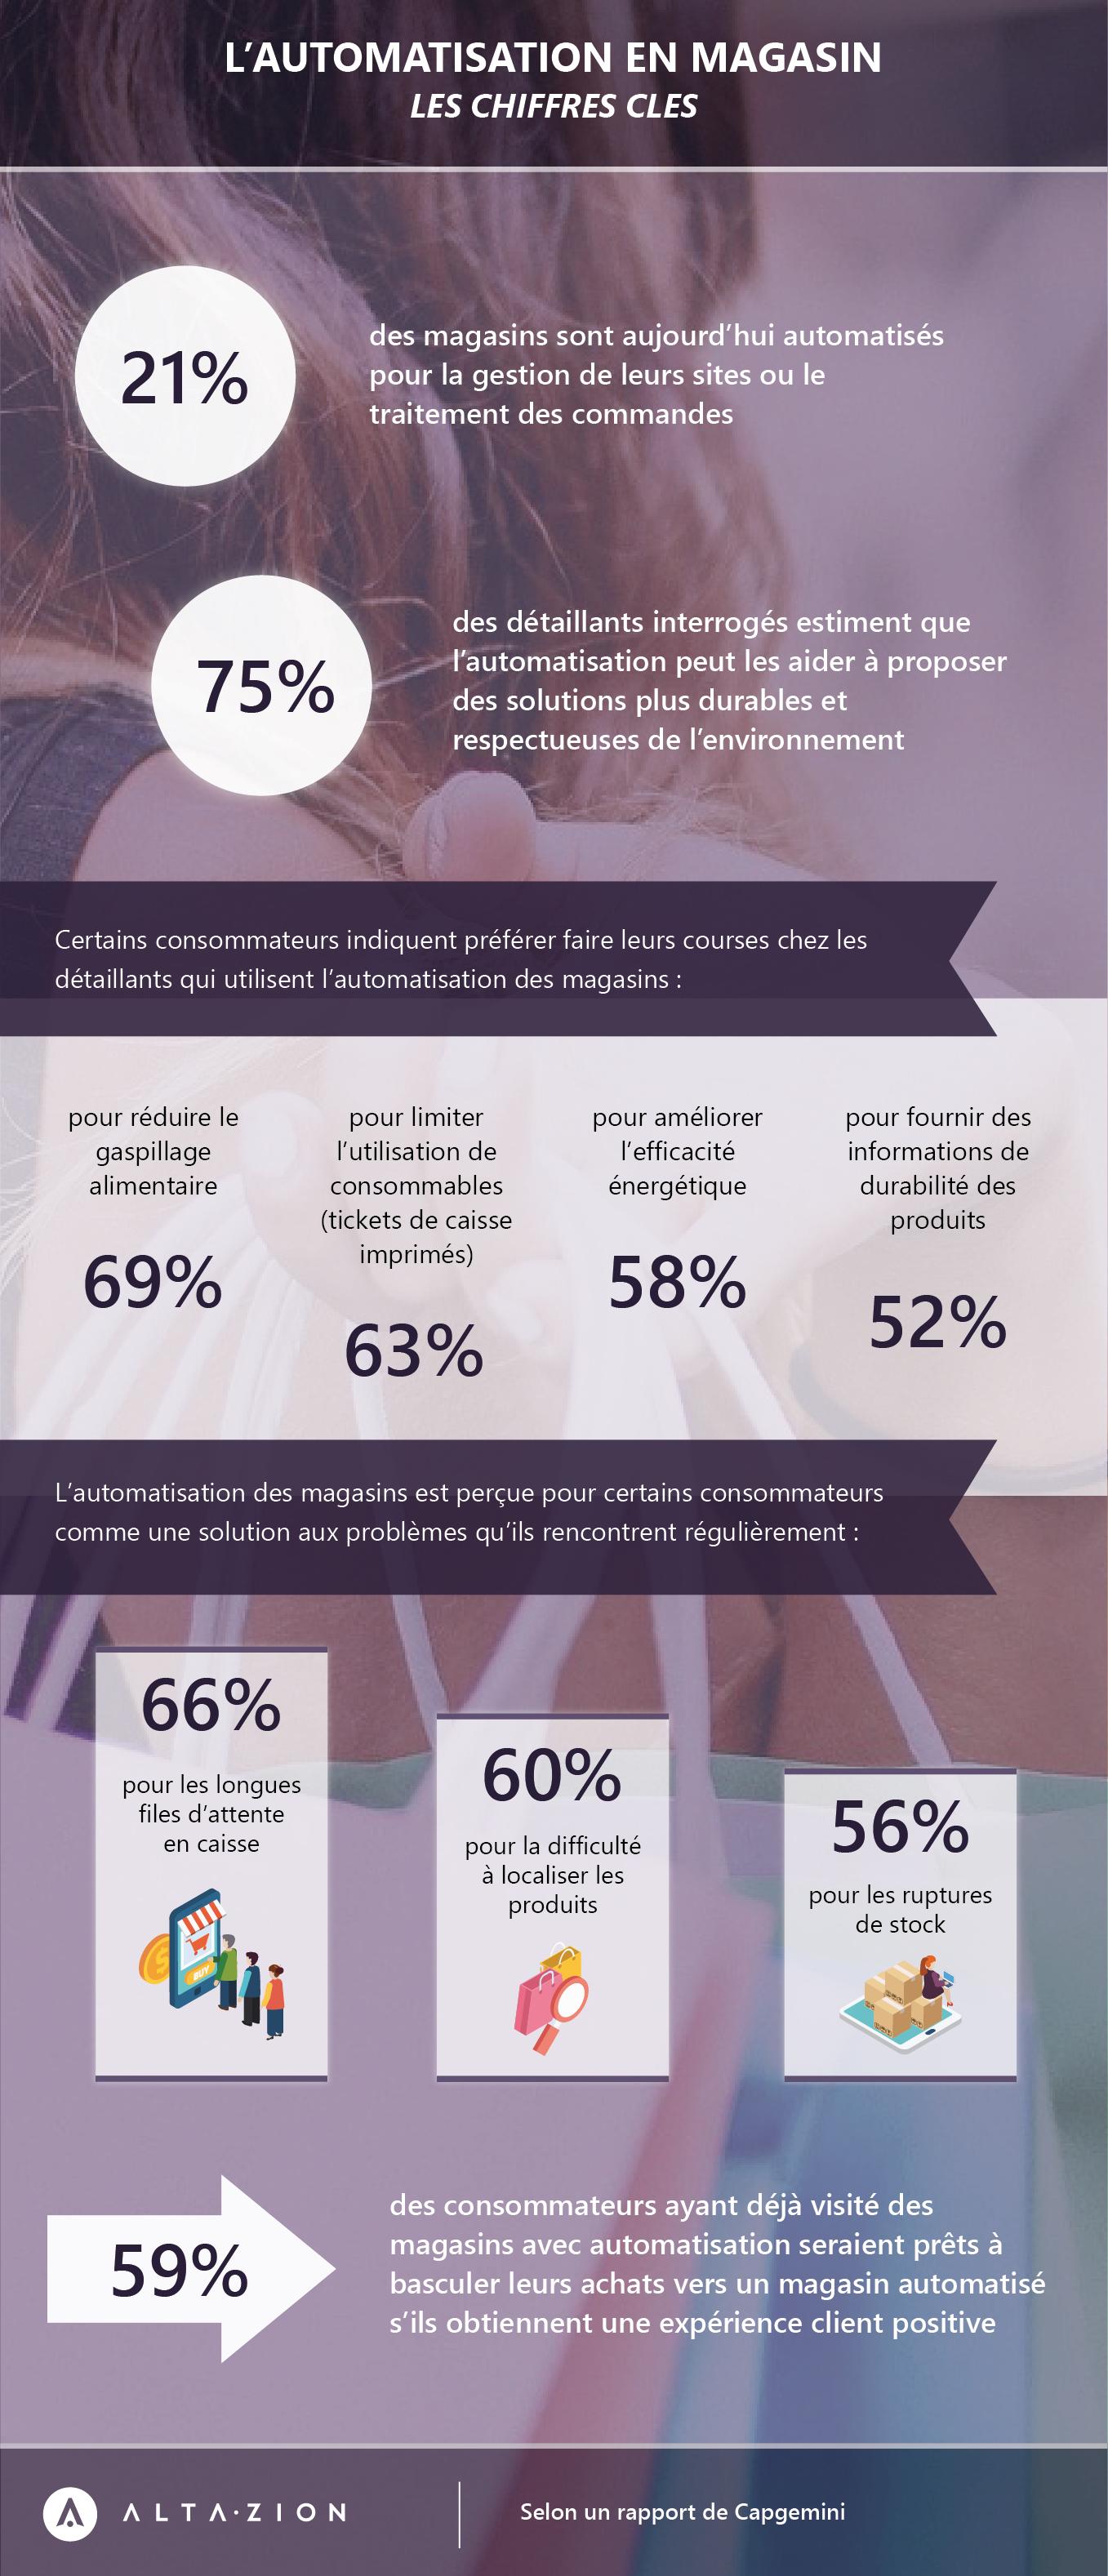 Infographie Altazion sur les chiffres cles de l'automatisation magasin